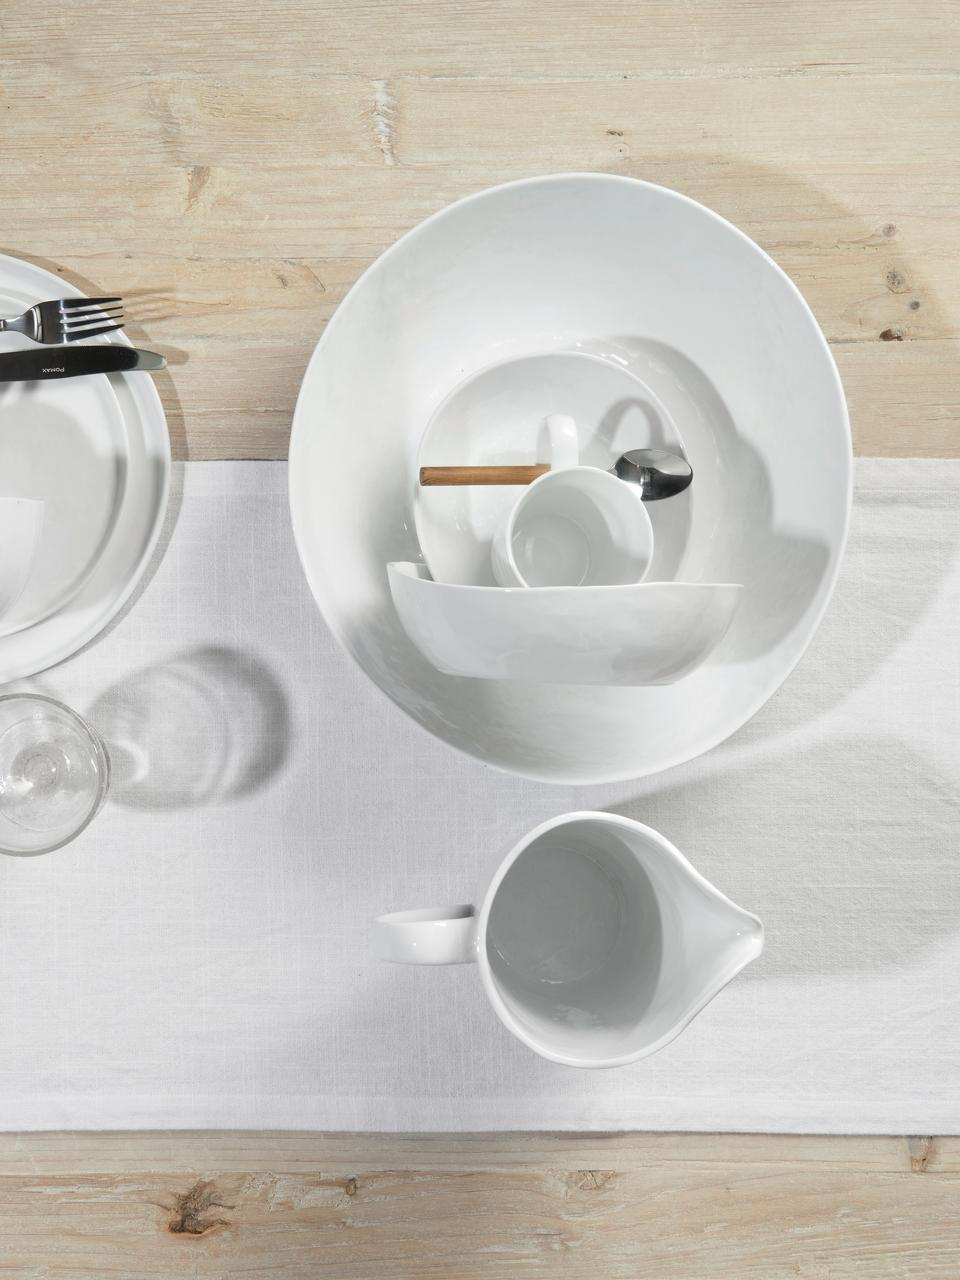 Schalen Porcelino mit unebener Oberfläche, 4 Stück, Porzellan, gewollt ungleichmäßig, Weiß, 16 x 17 cm